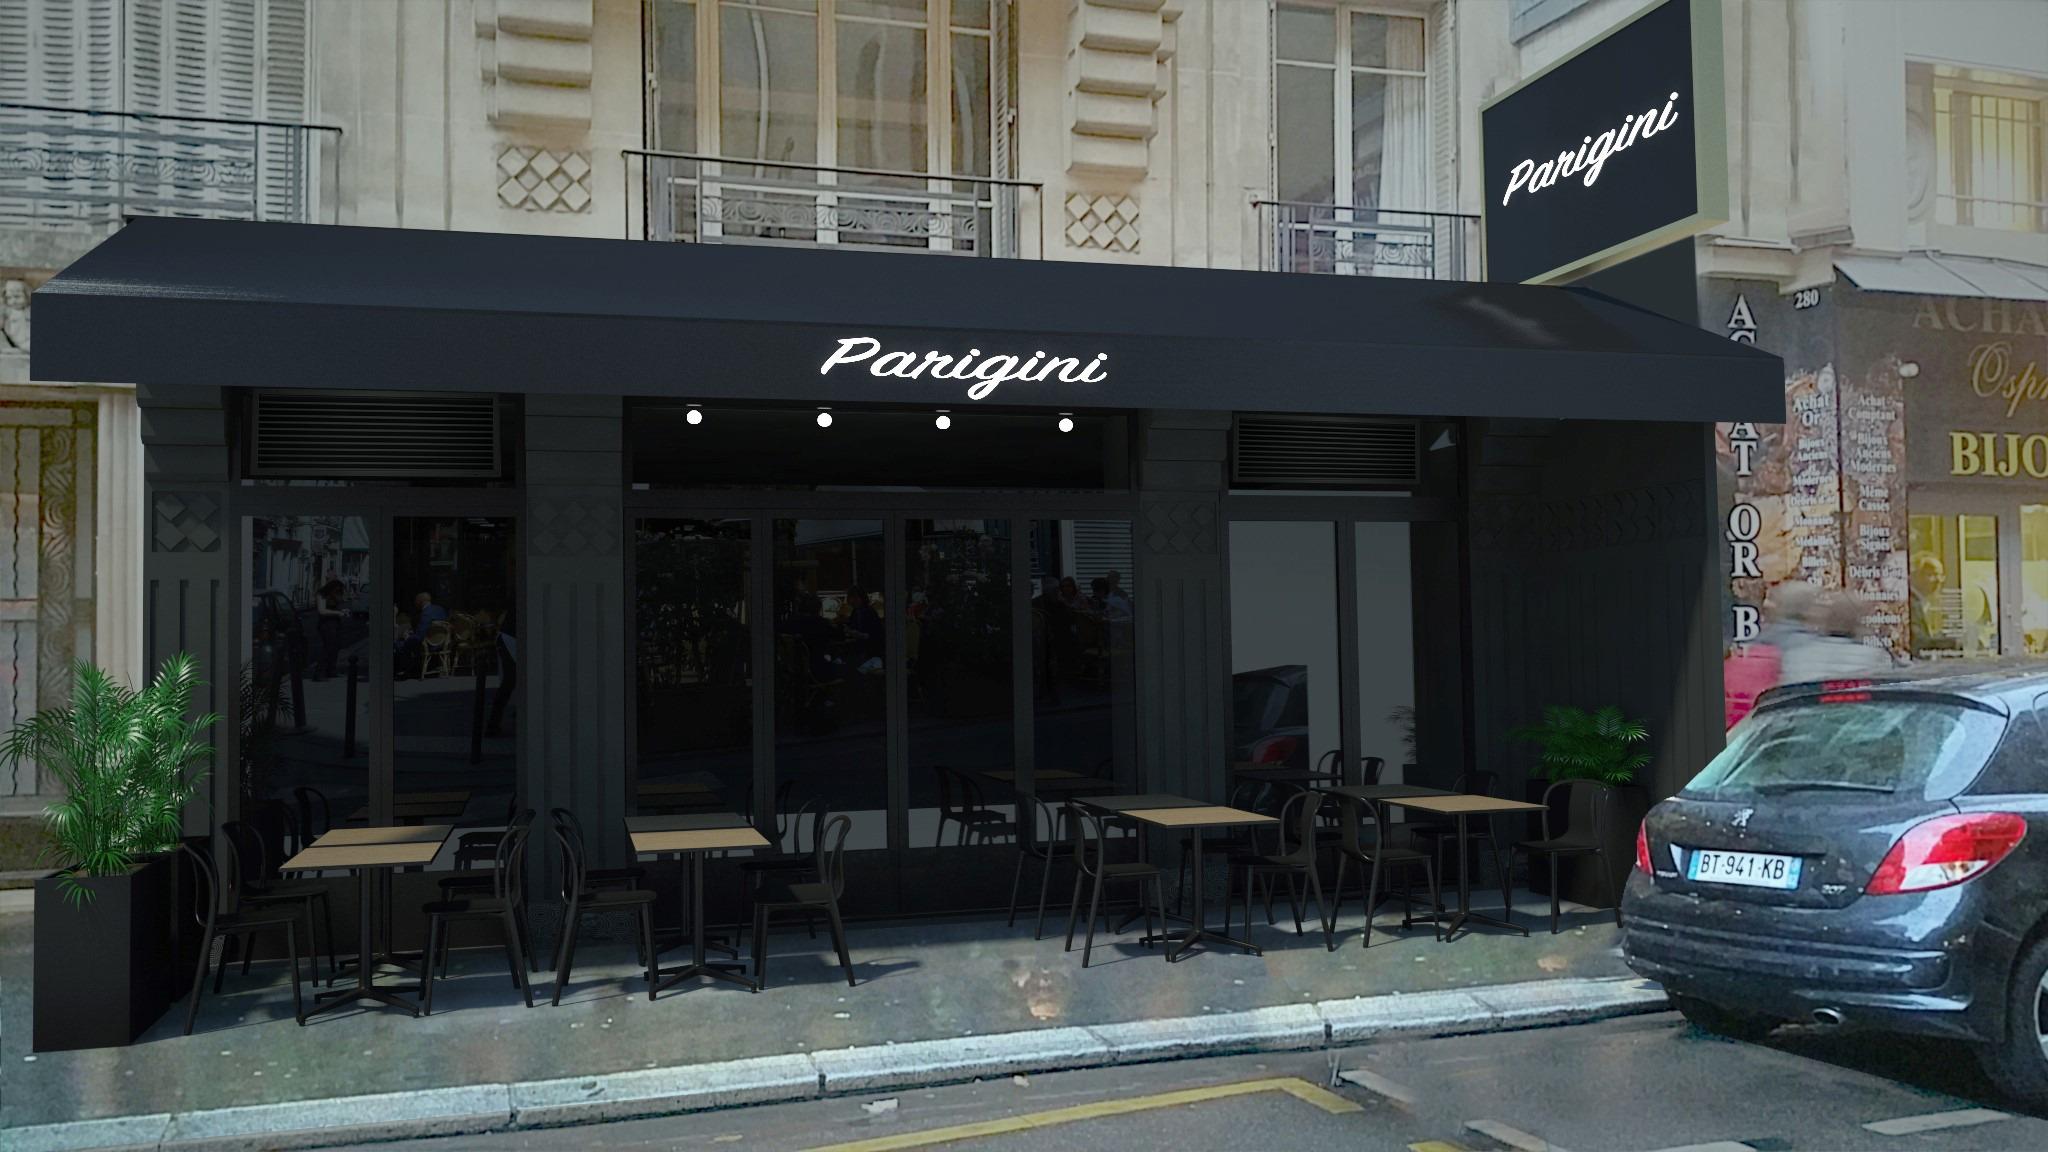 2:PARIGINI